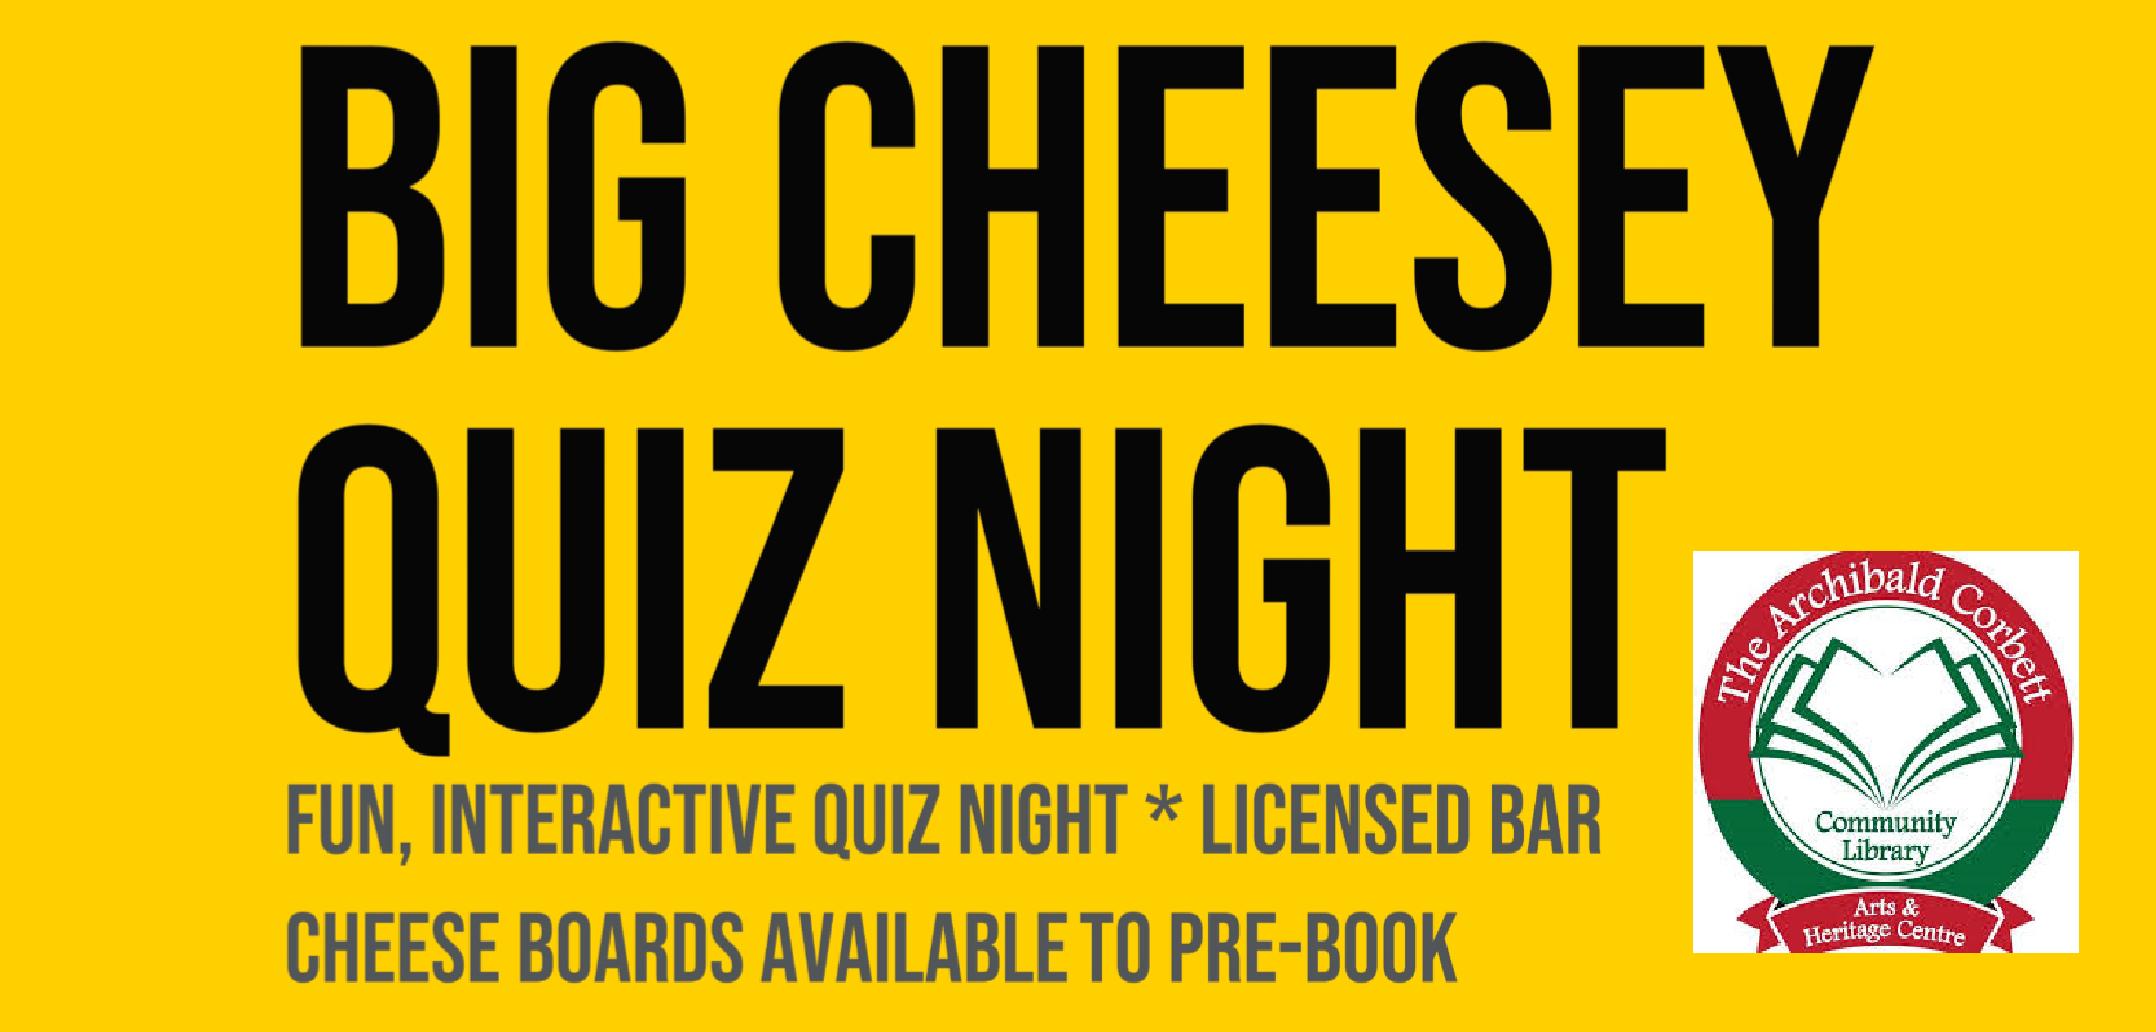 Big Cheesy Quiz Night!